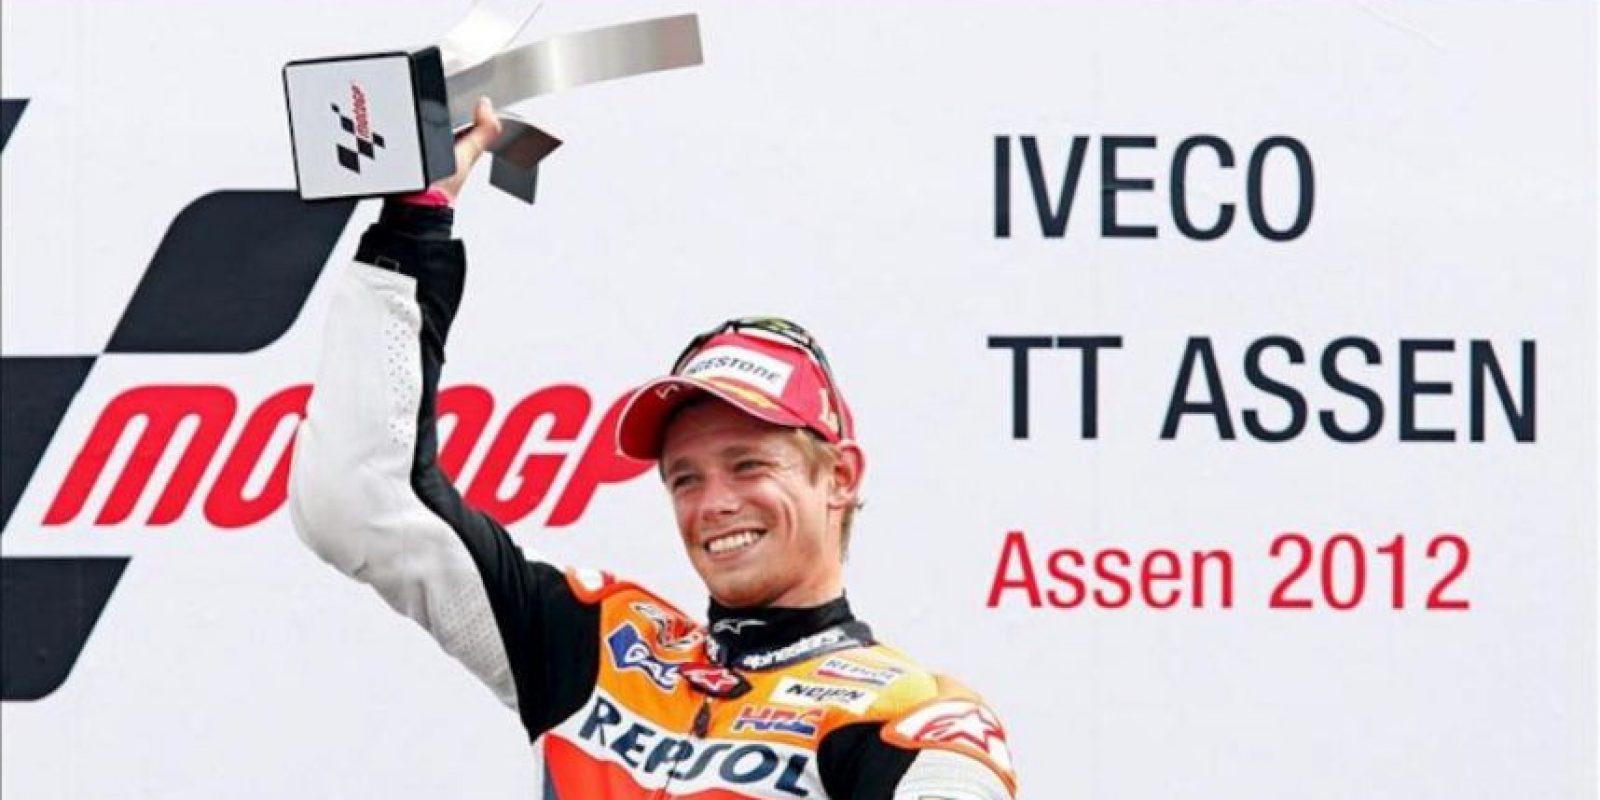 El piloto australiano del equipo Repsol Honda de MotoGP, Casey Stoner, celebra en el podio la victoria conseguida en el Gran Premio de Holanda que se ha disputado en el circuito de Assen, Holanda, el 30 de junio del 2012. EFE